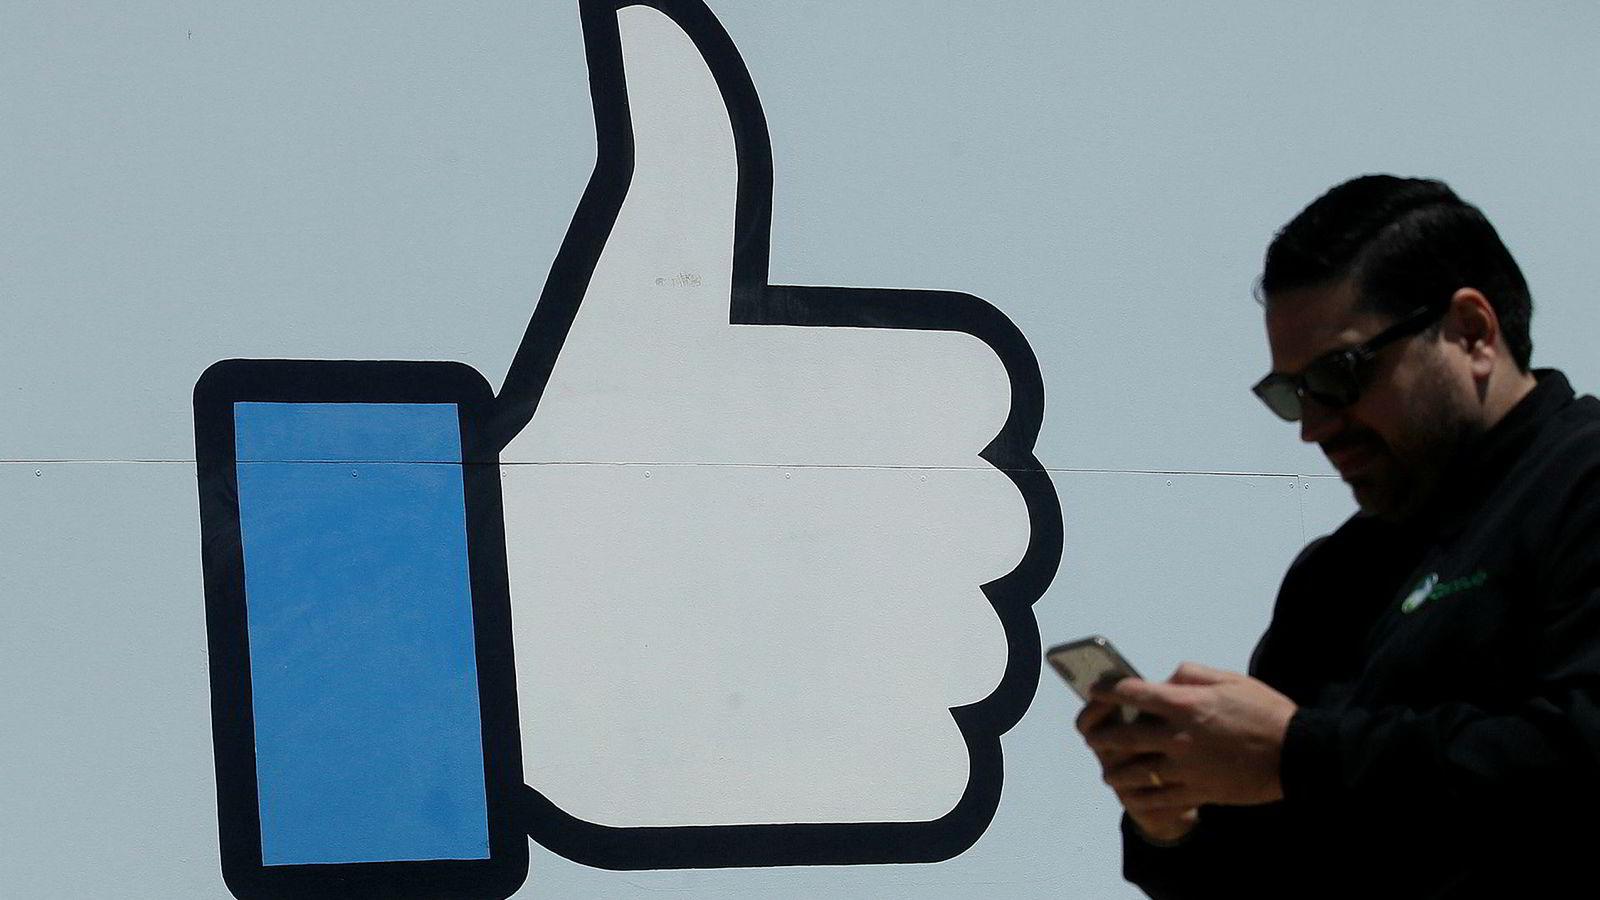 I fjor slo en dom fast at den som administrerer en Facebook-side, vil være felles behandlingsansvarlig sammen med Facebook for personopplysninger som samles inn om brukere av siden, skriver innleggsforfatteren.